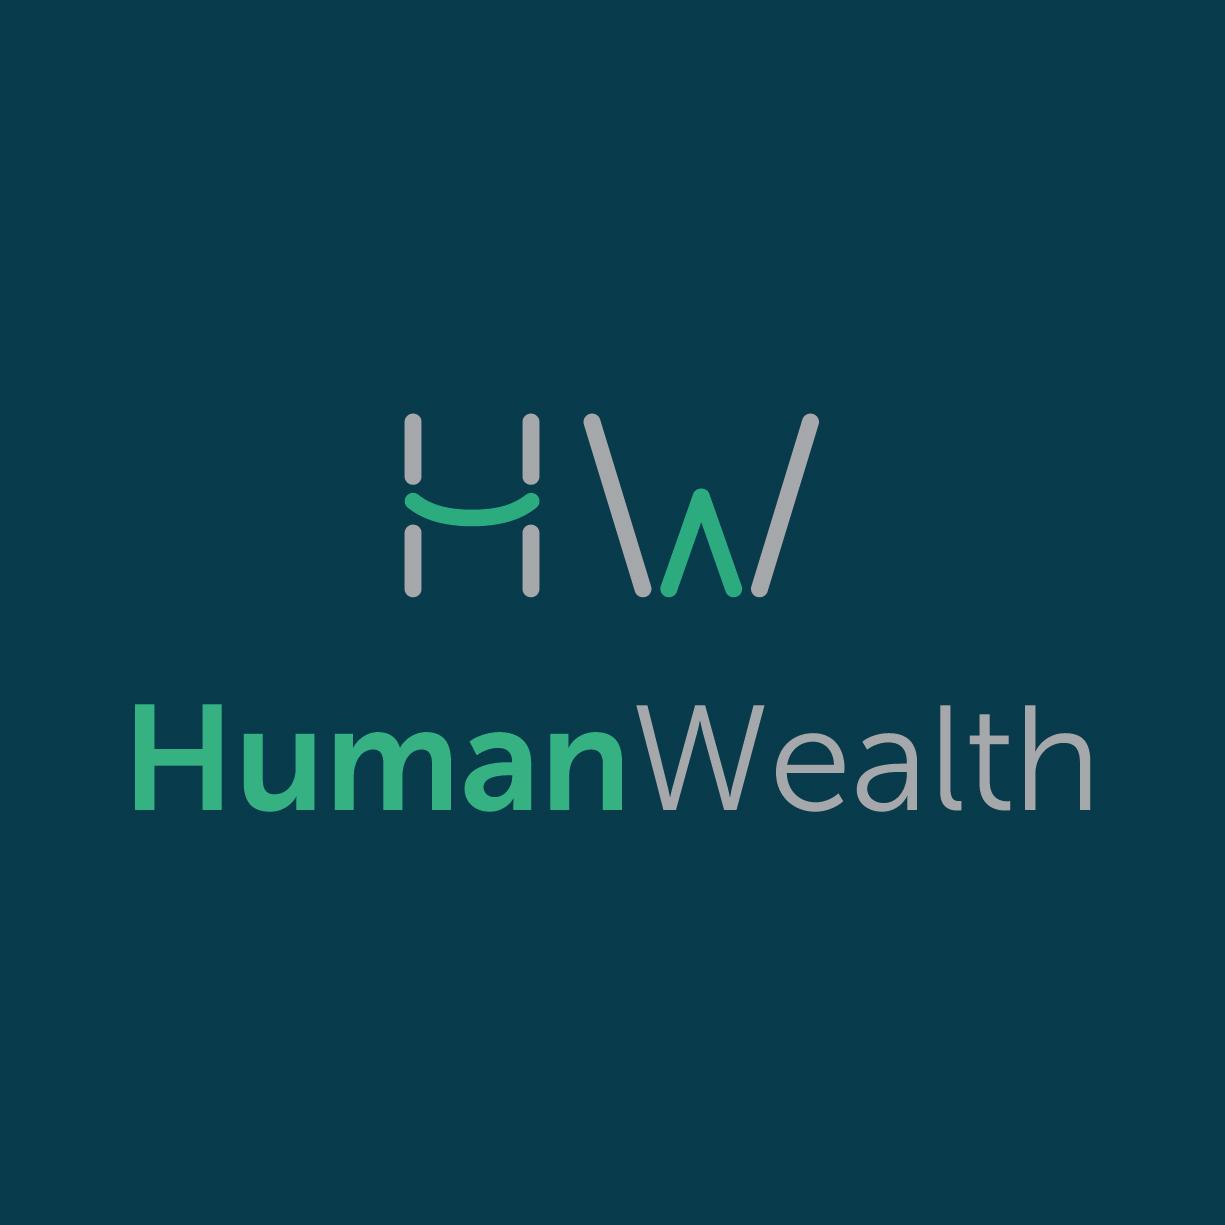 humanwealth